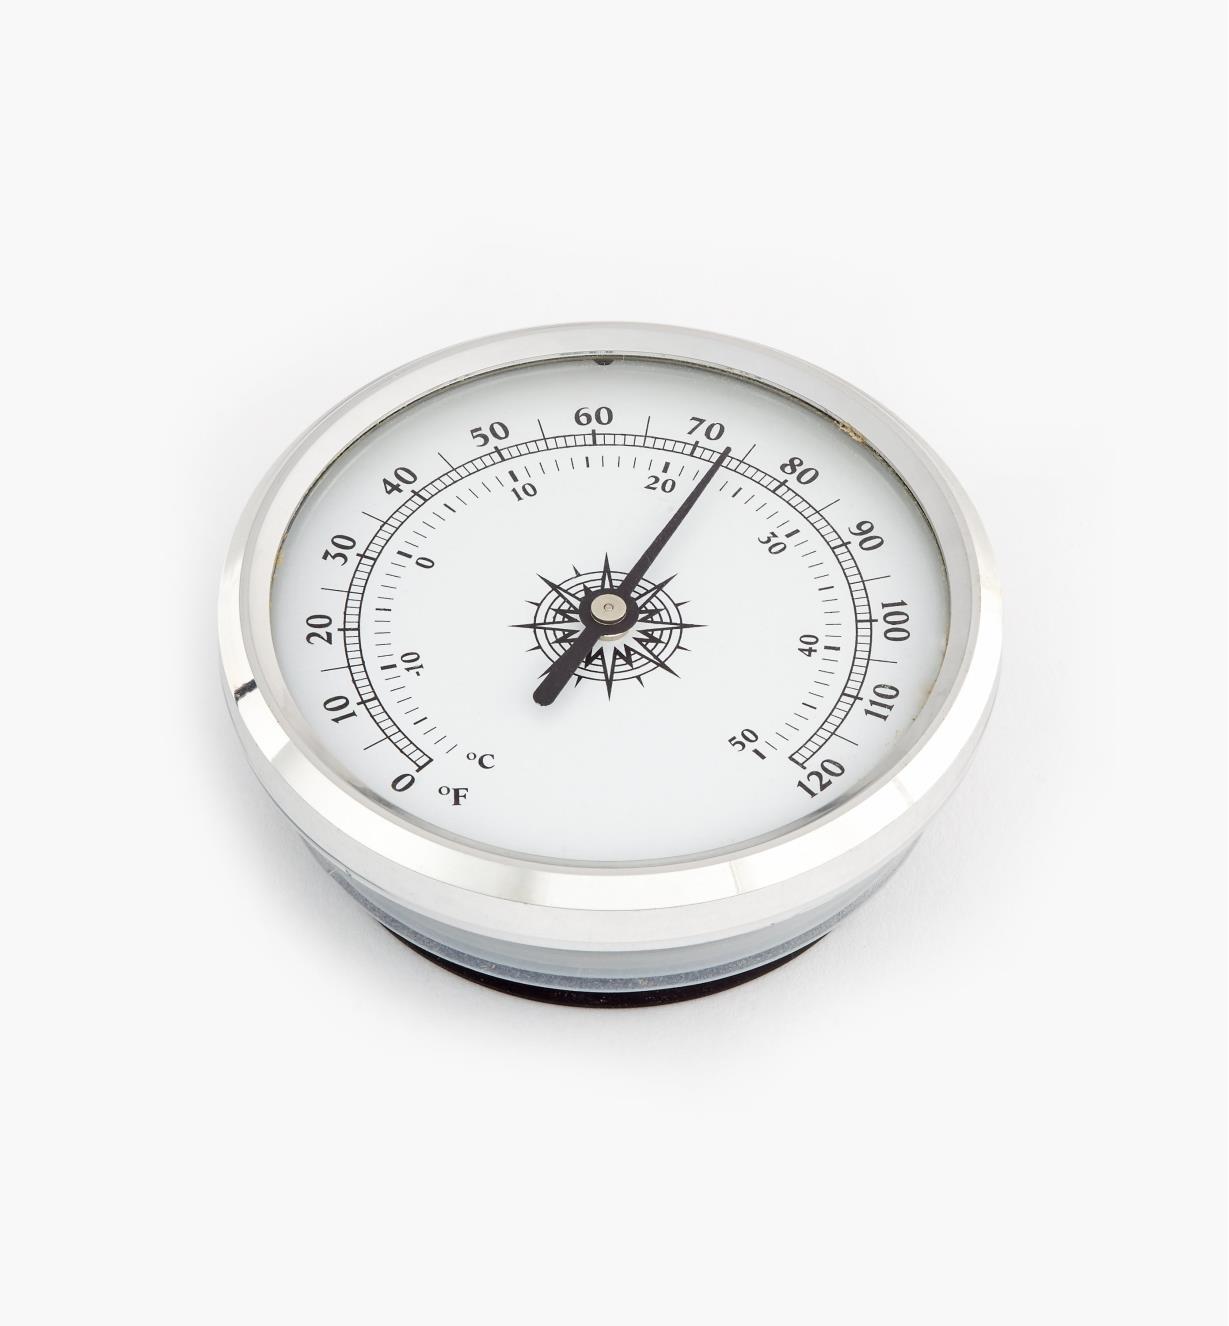 46K7003 - Thermomètre encastrable à lunette en aluminium, l'unité